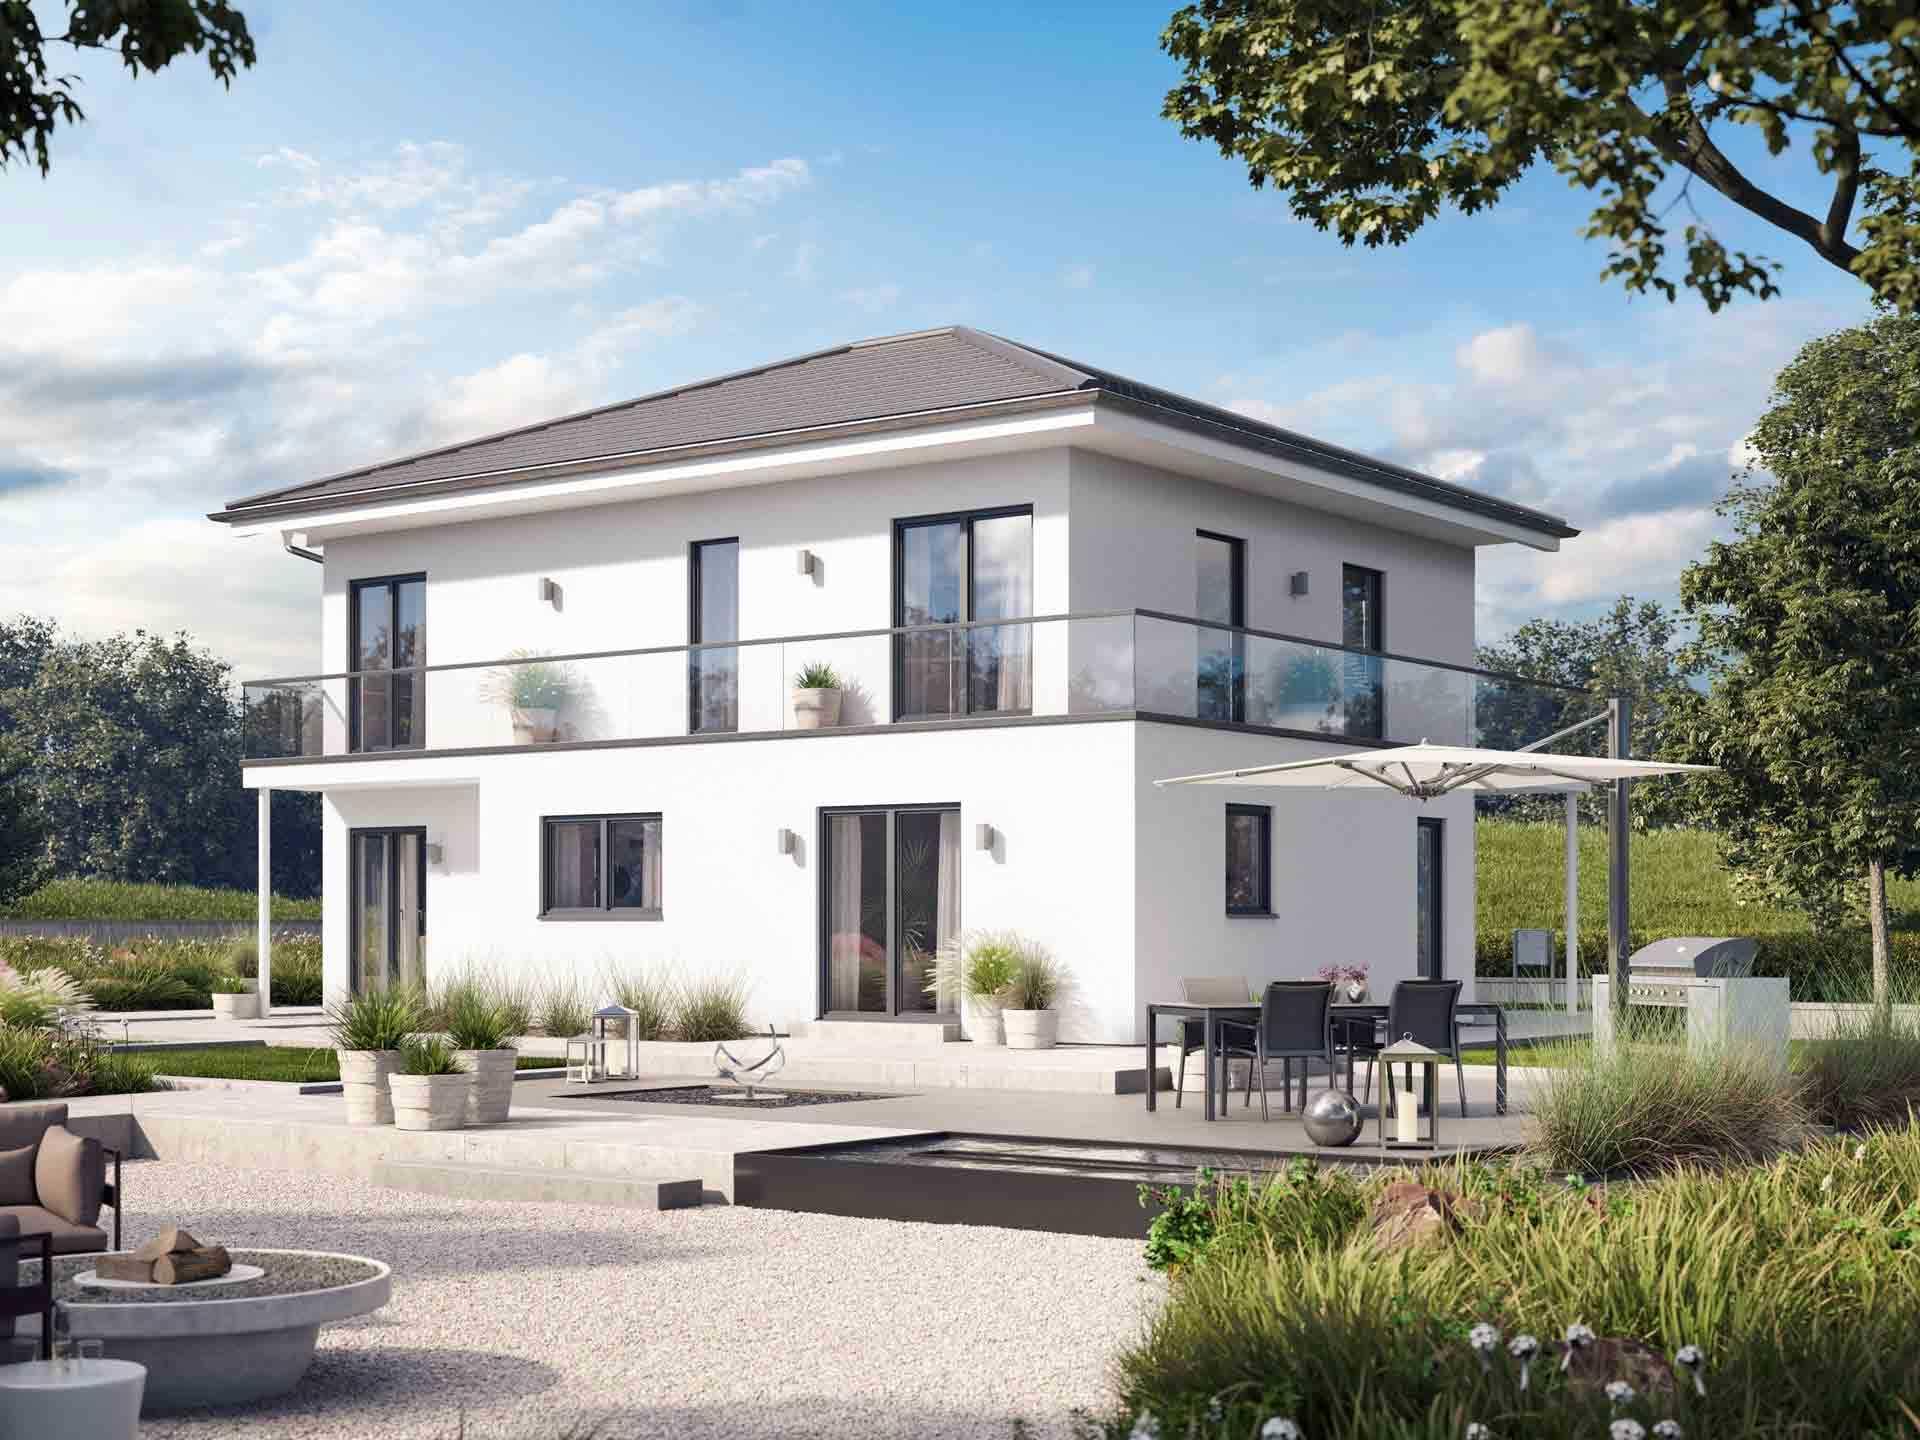 Einfamilienhaus Solitaire-E-165 E8